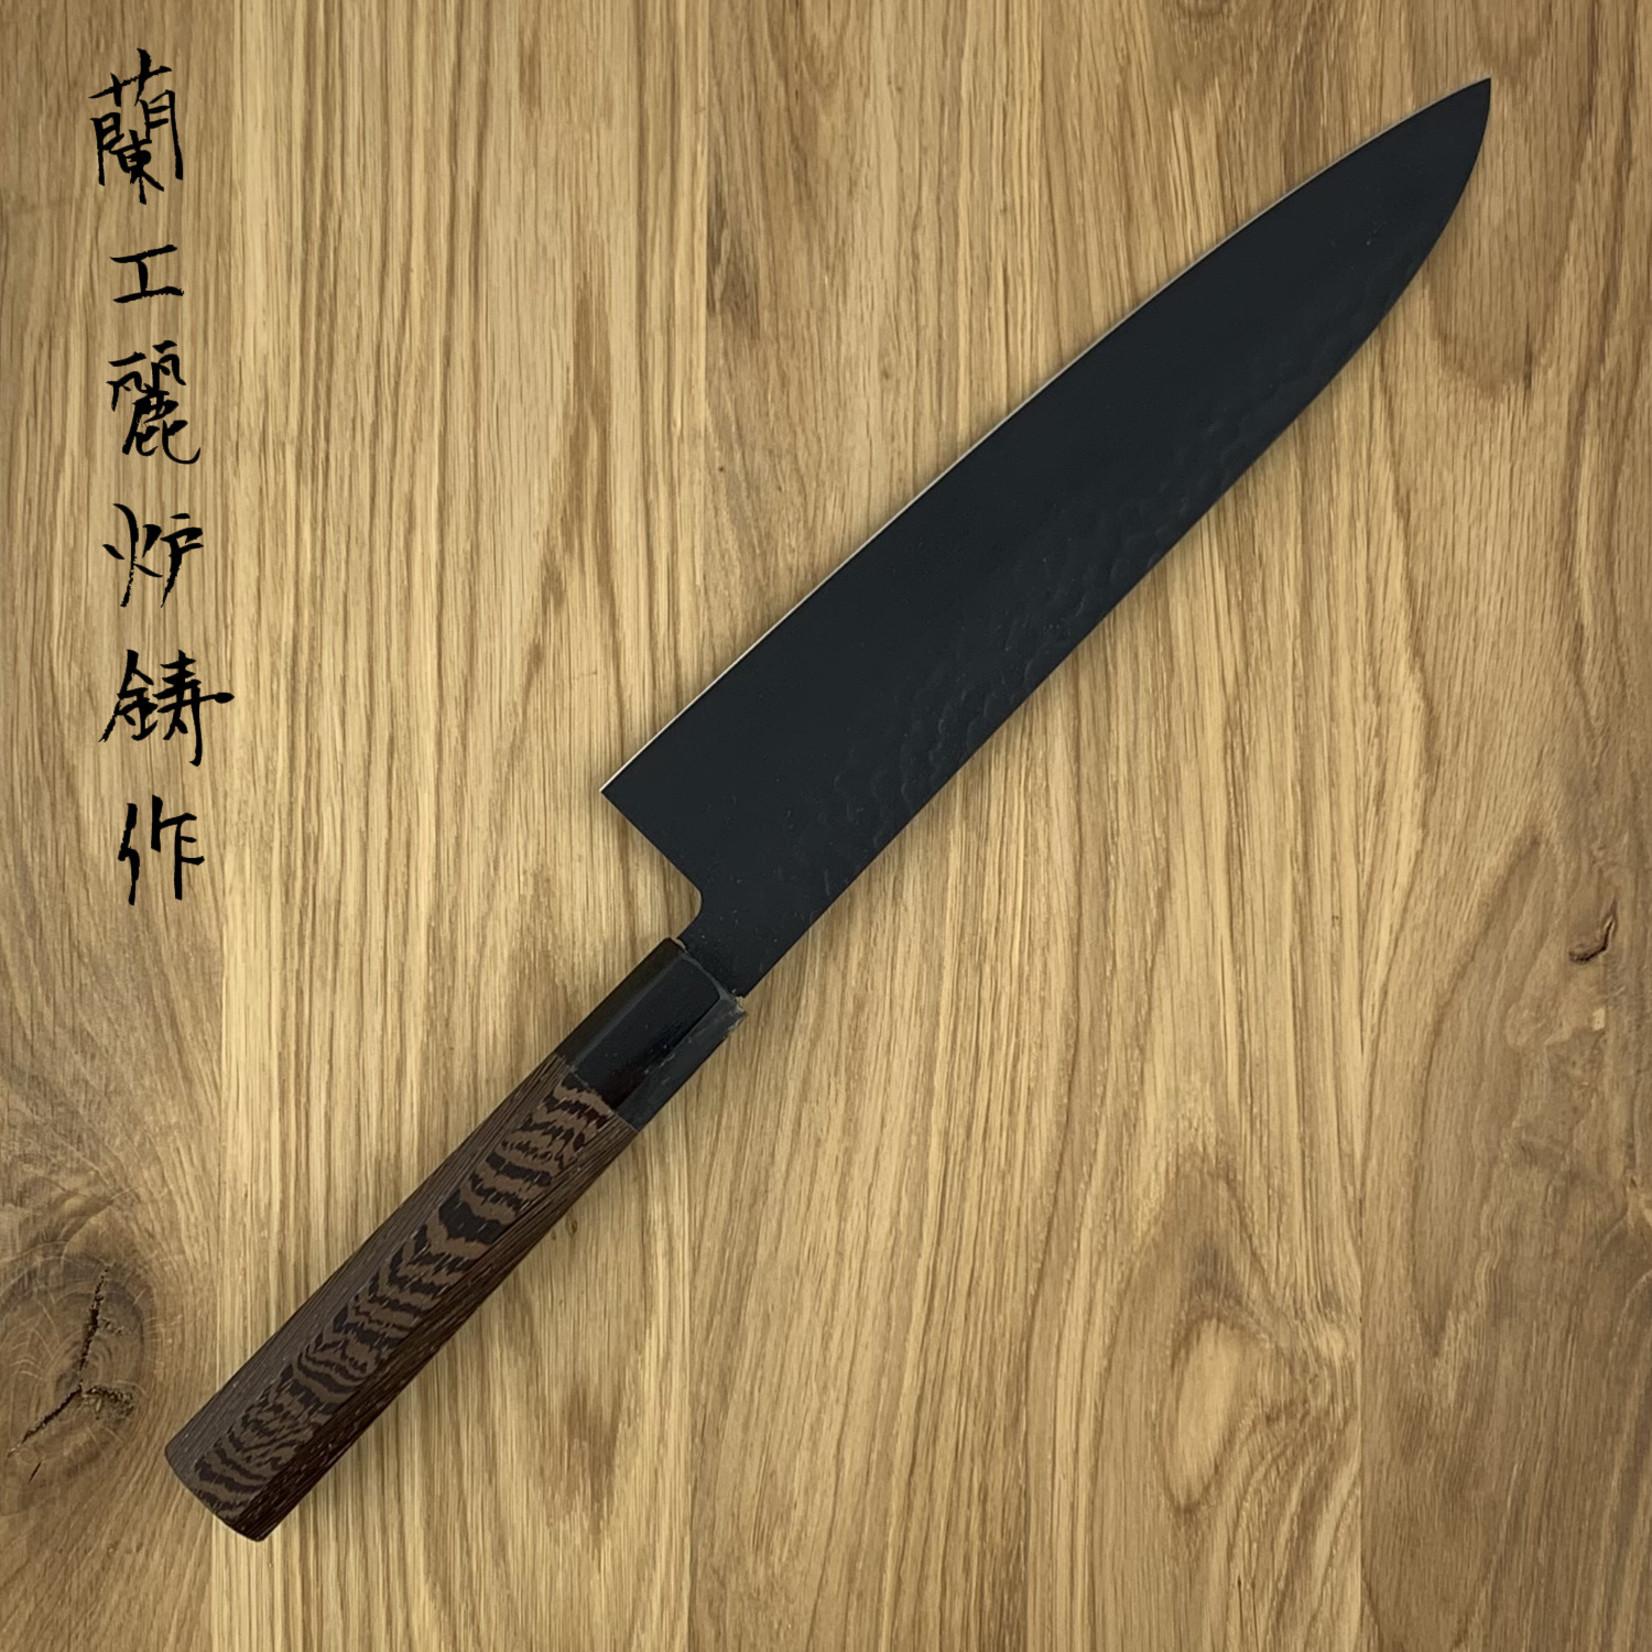 SAKAI TAKAYUKI Kurokage Gyuto 210 mm 07493